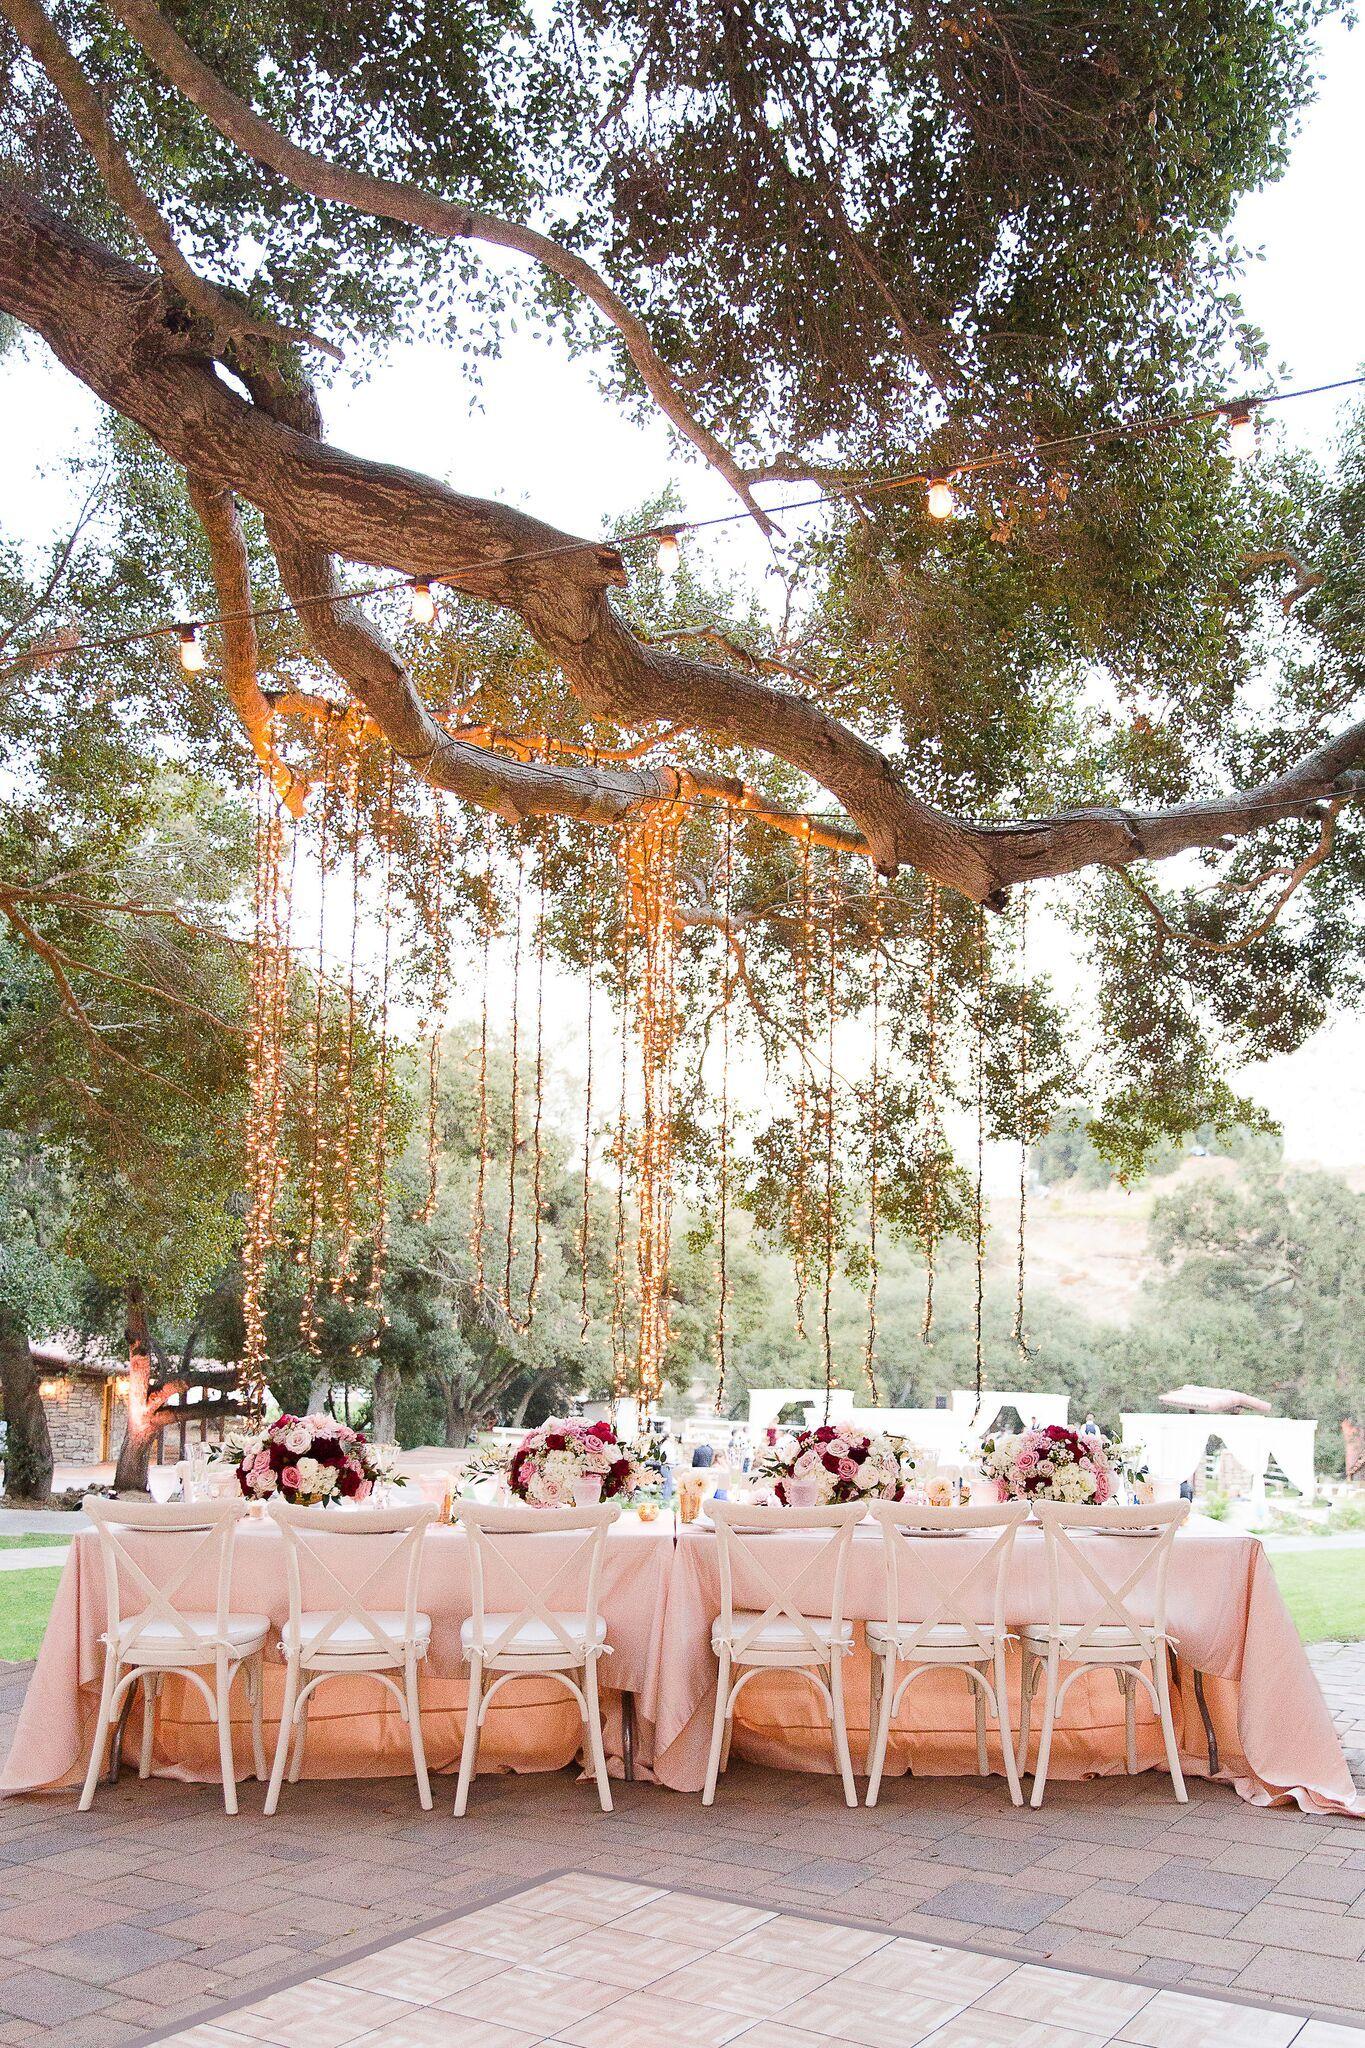 Amanda and kyles wedding at circle oak ranch san diego